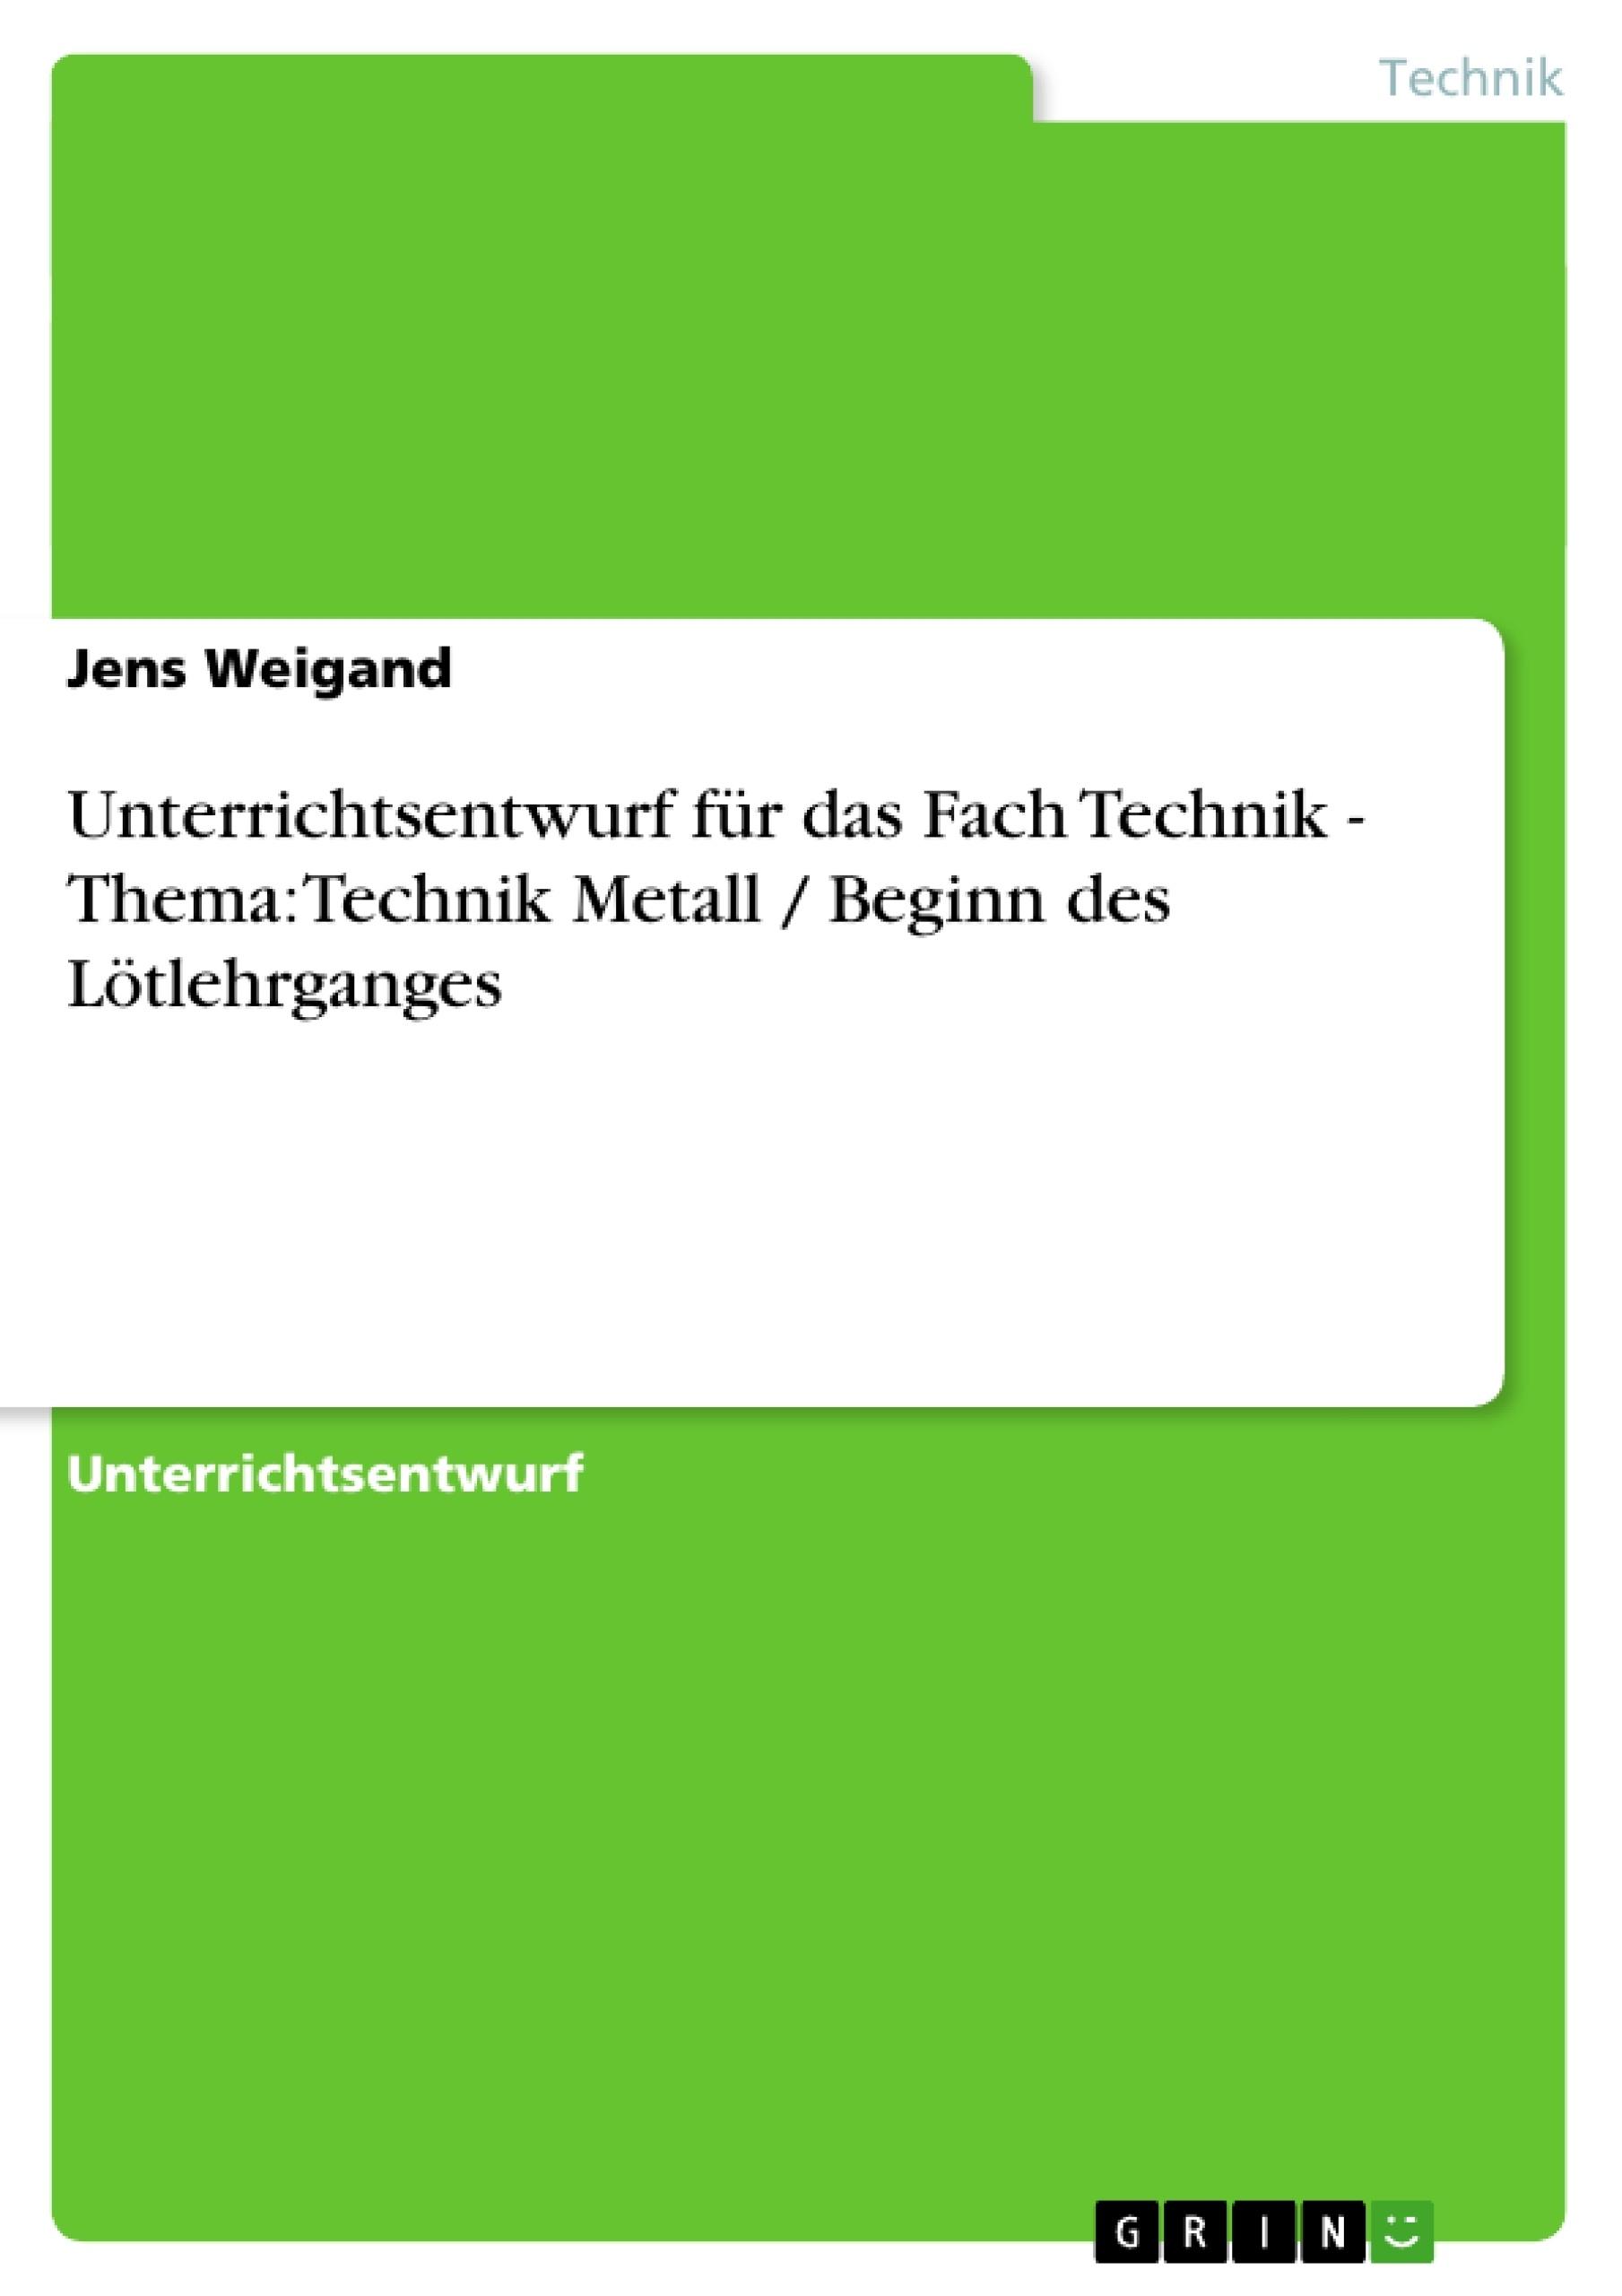 Titel: Unterrichtsentwurf für das Fach Technik - Thema: Technik Metall / Beginn des Lötlehrganges